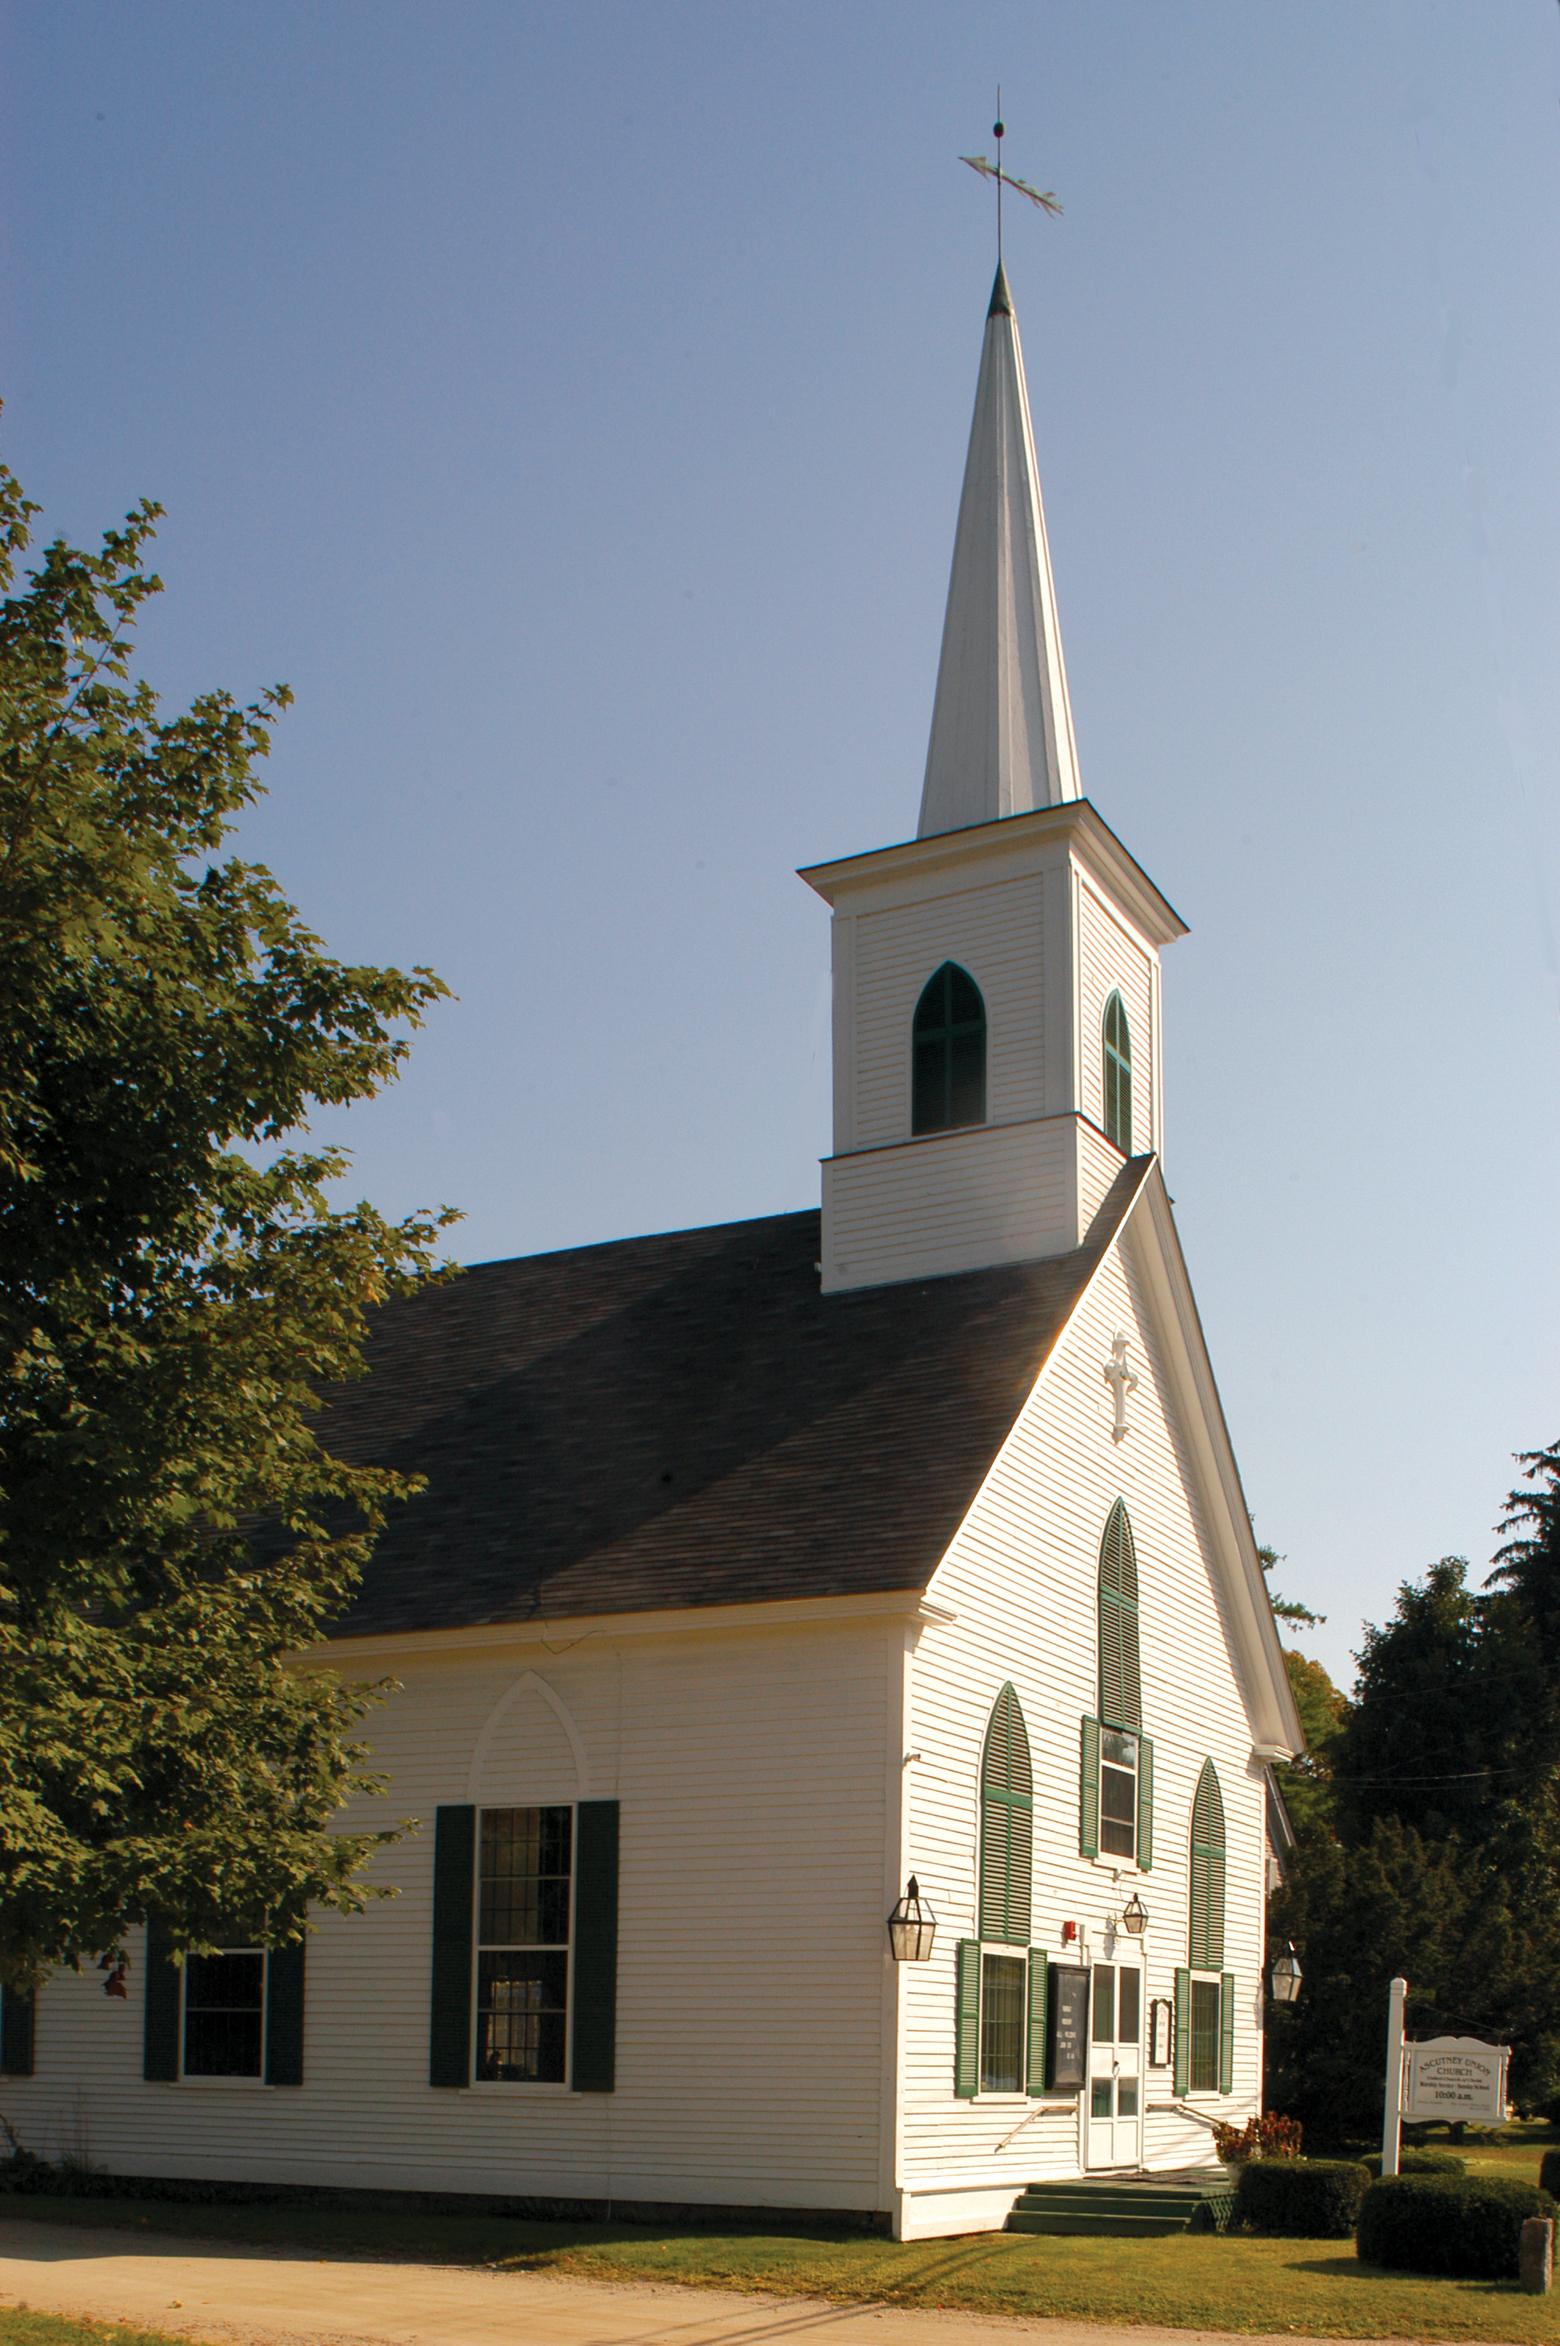 Ascutney Union Church